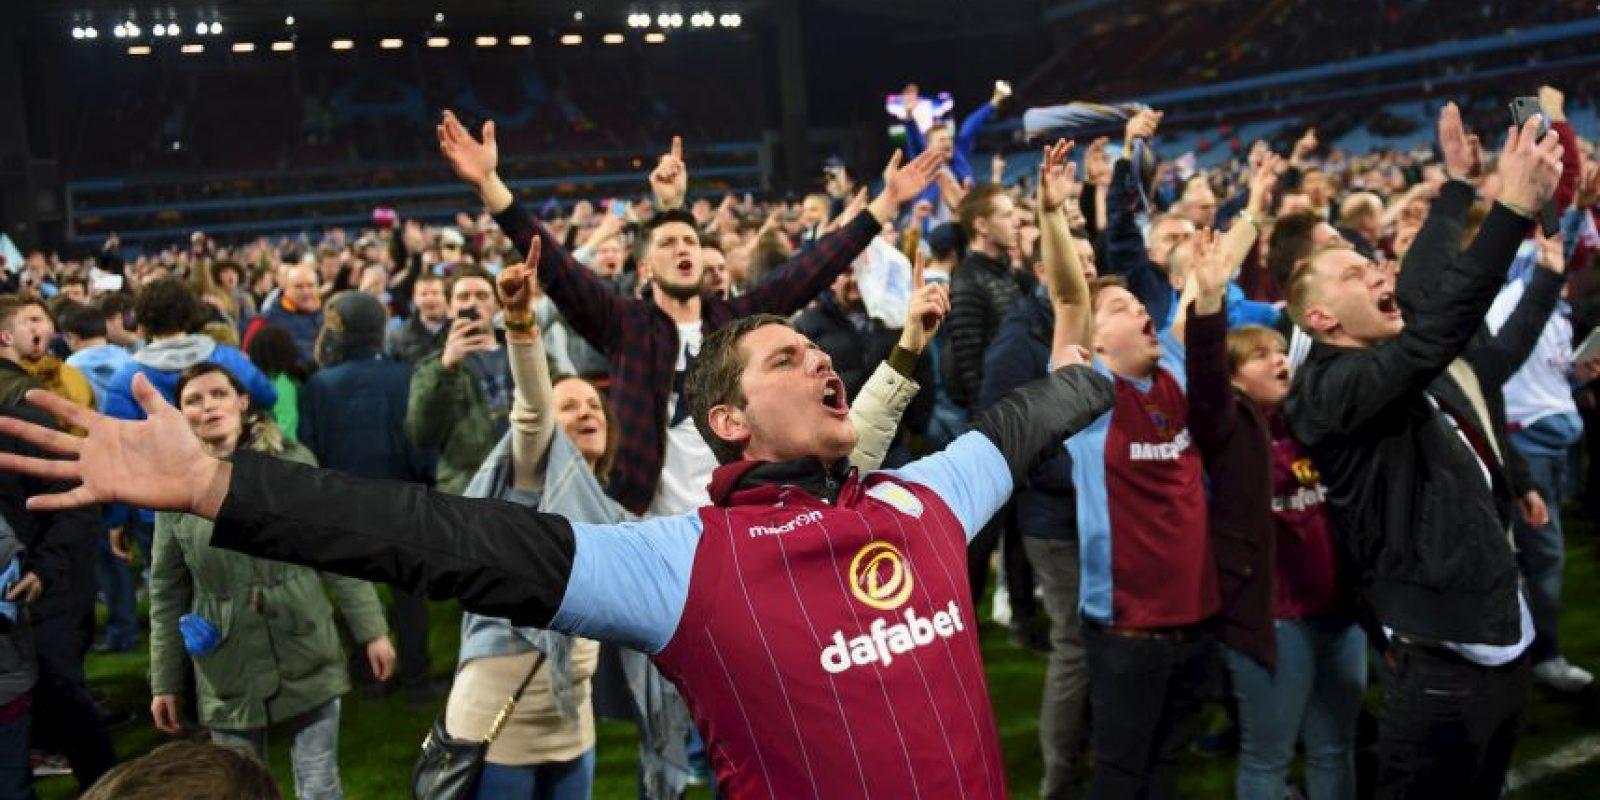 Esta medida también será adoptada por el Swindon Twon, de la tercera división inglesa (Football League One). Foto:Getty Images